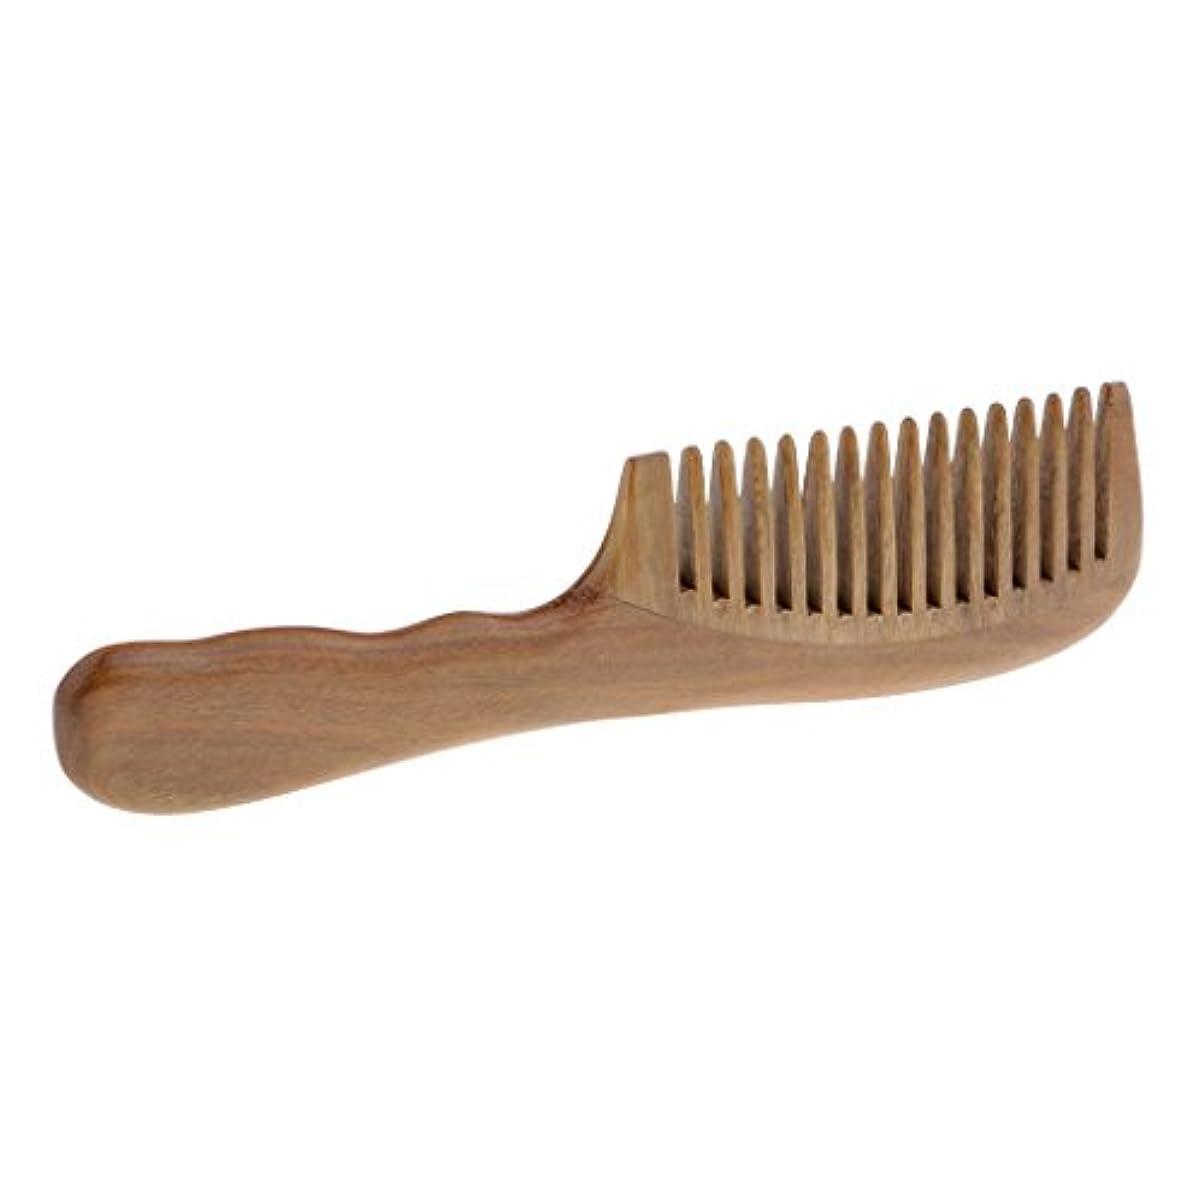 屈辱するリングバスタブヘアコーム くし コーム 木製 木製櫛 頭皮マッサージ ヘアケア 帯電防止2タイプ選べる - 広い歯